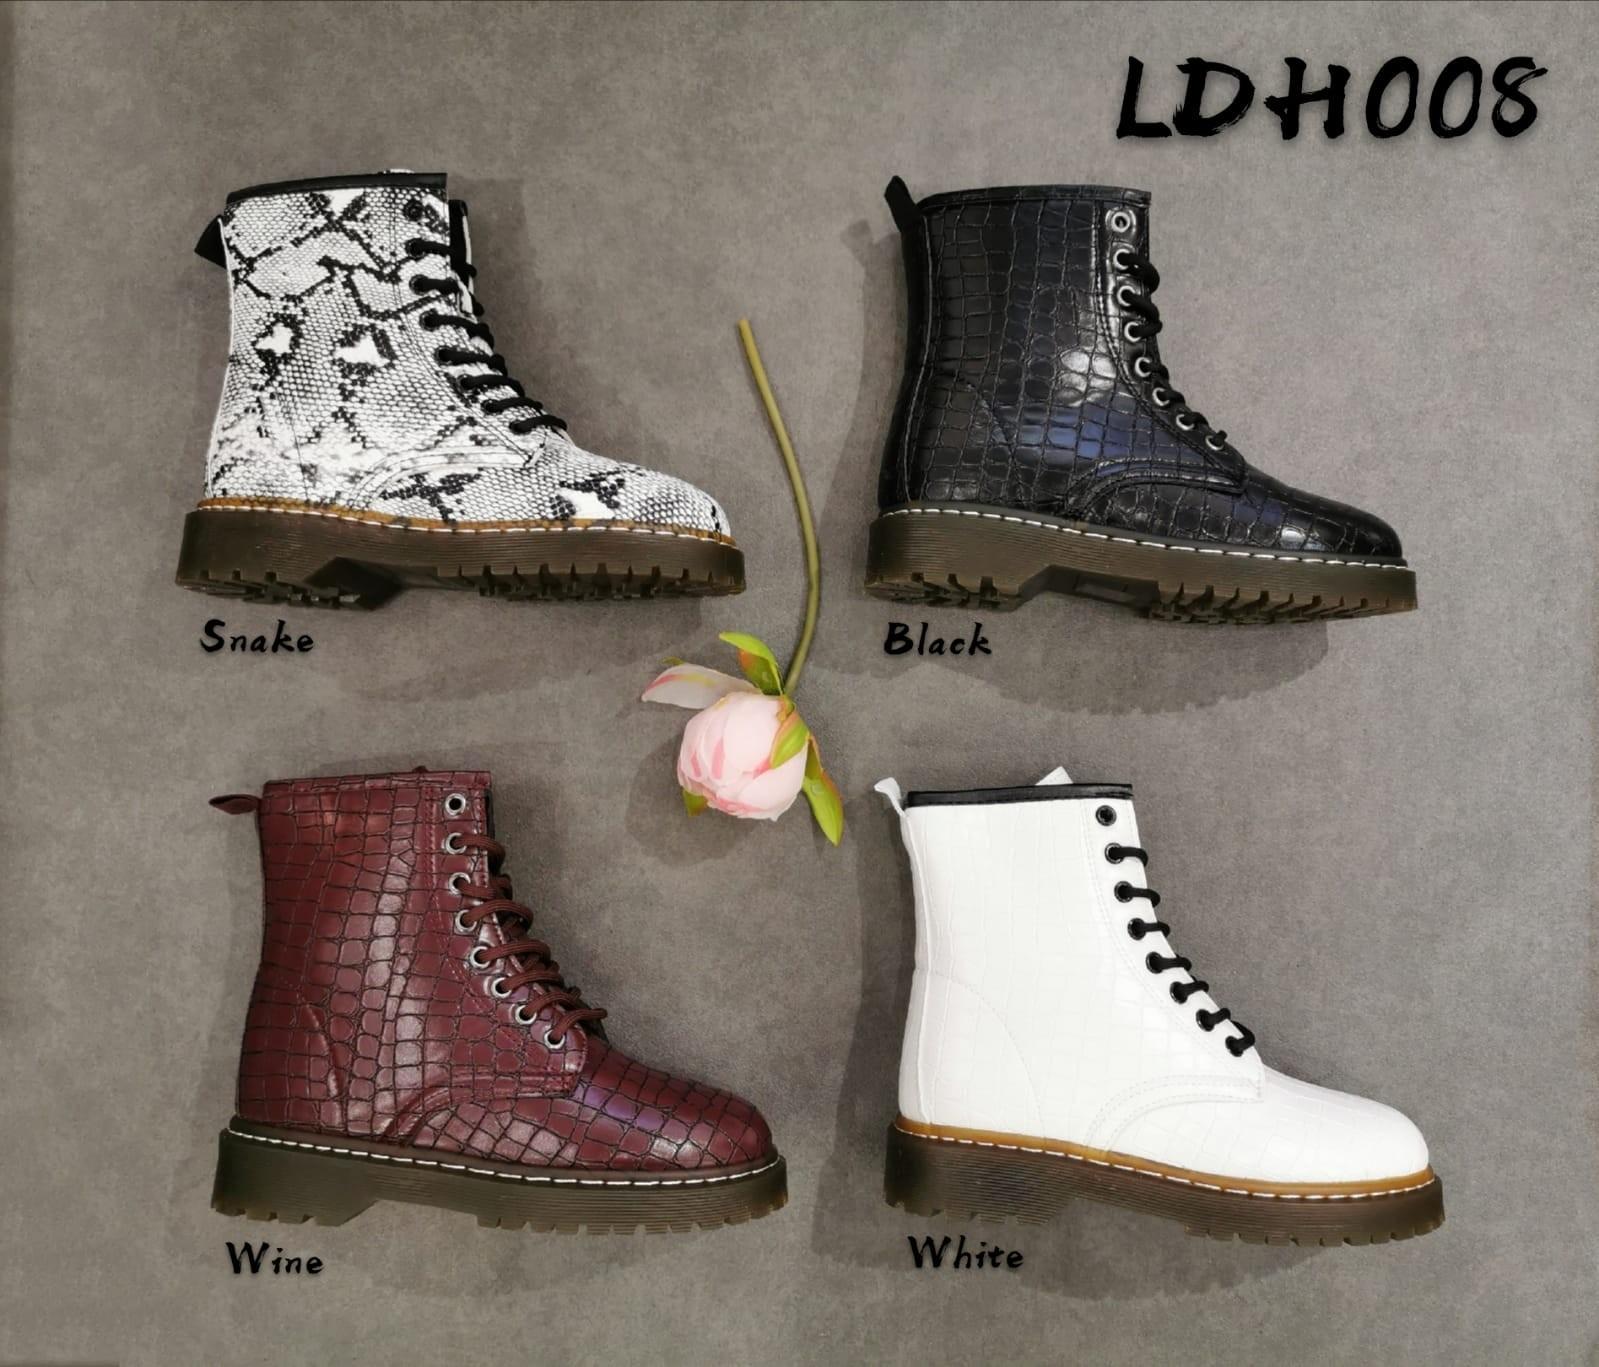 LDH008-D4